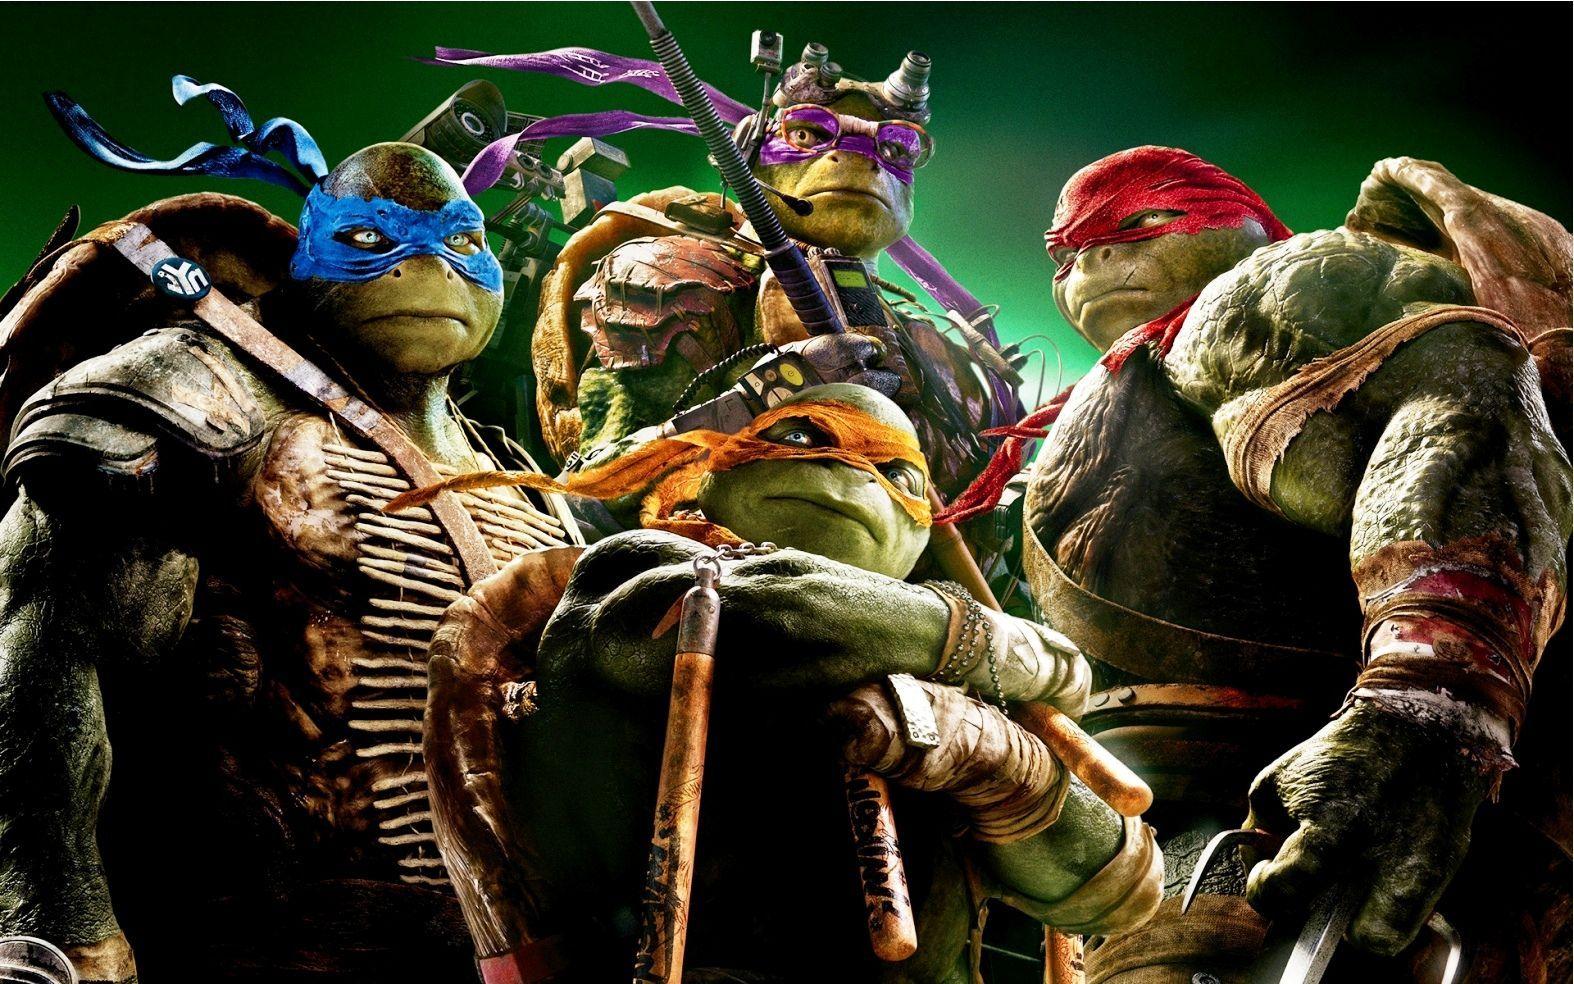 Full Hd P Teenage Mutant Ninja Turtles Wallpapers Hd Desktop 1024 768 Ninja Turtles Wallpaper 49 Wall Ninja Turtles 2014 Ninja Turtles Ninja Turtles Pictures